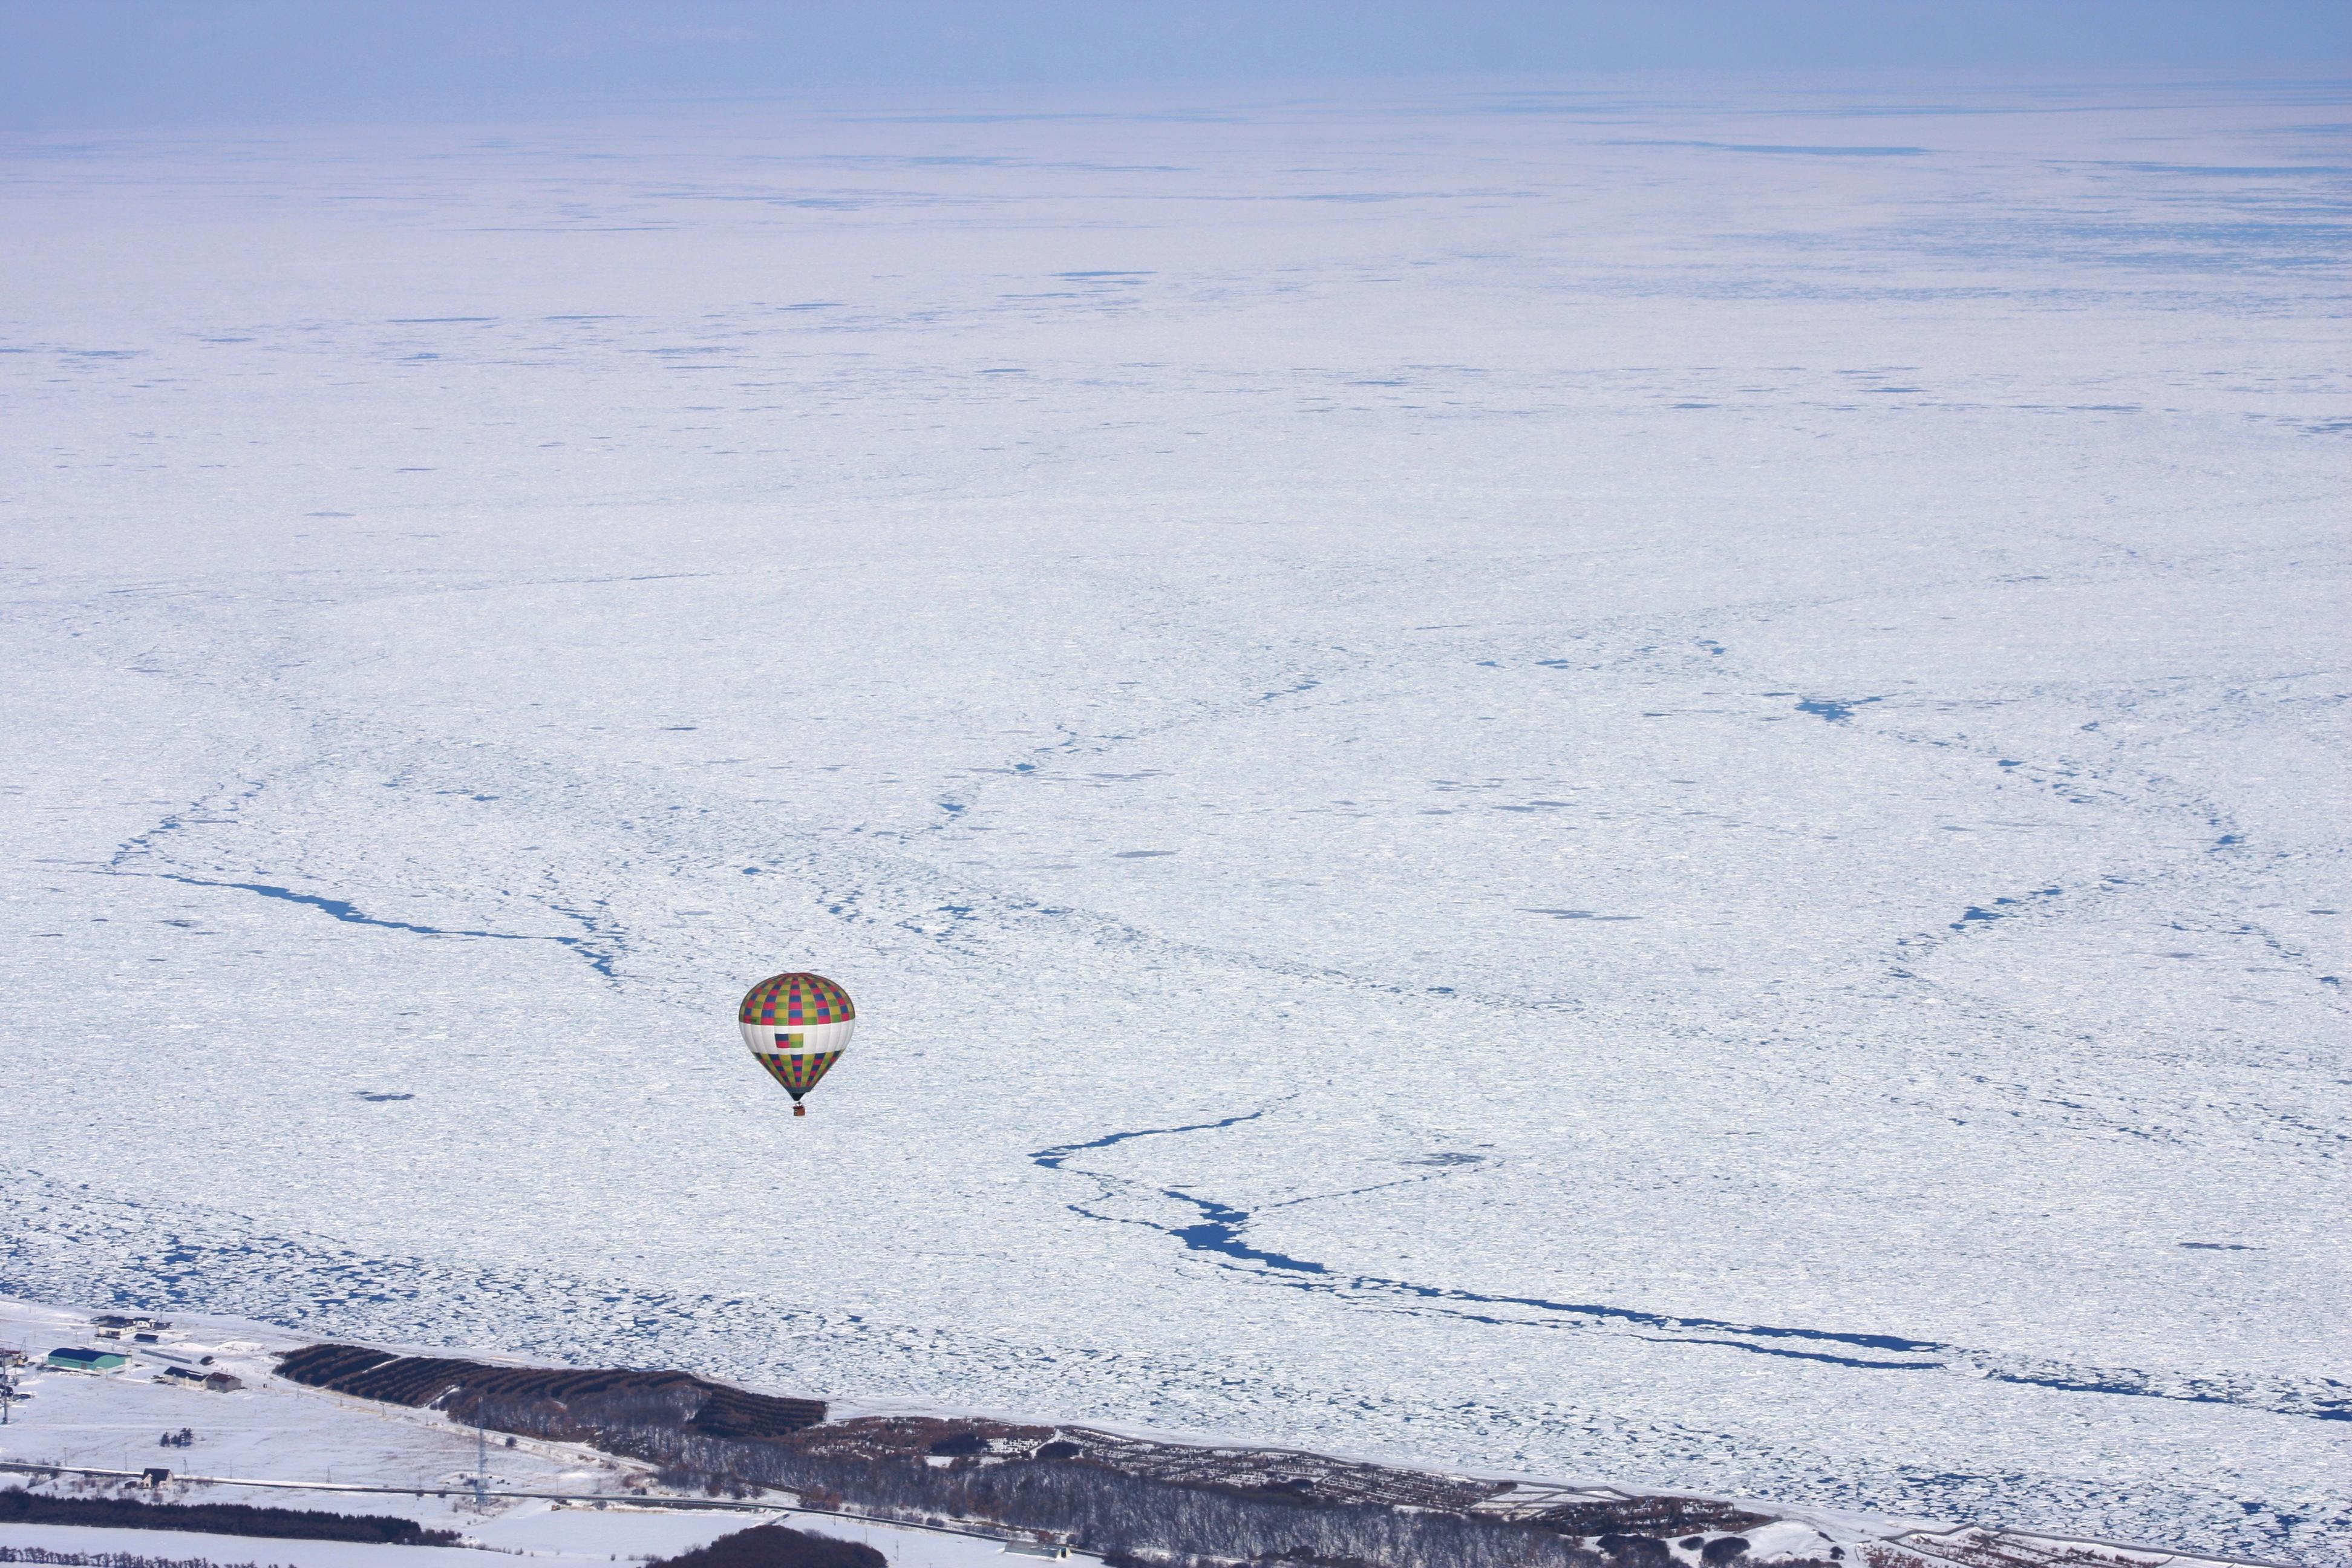 熱気球フリーフライト8